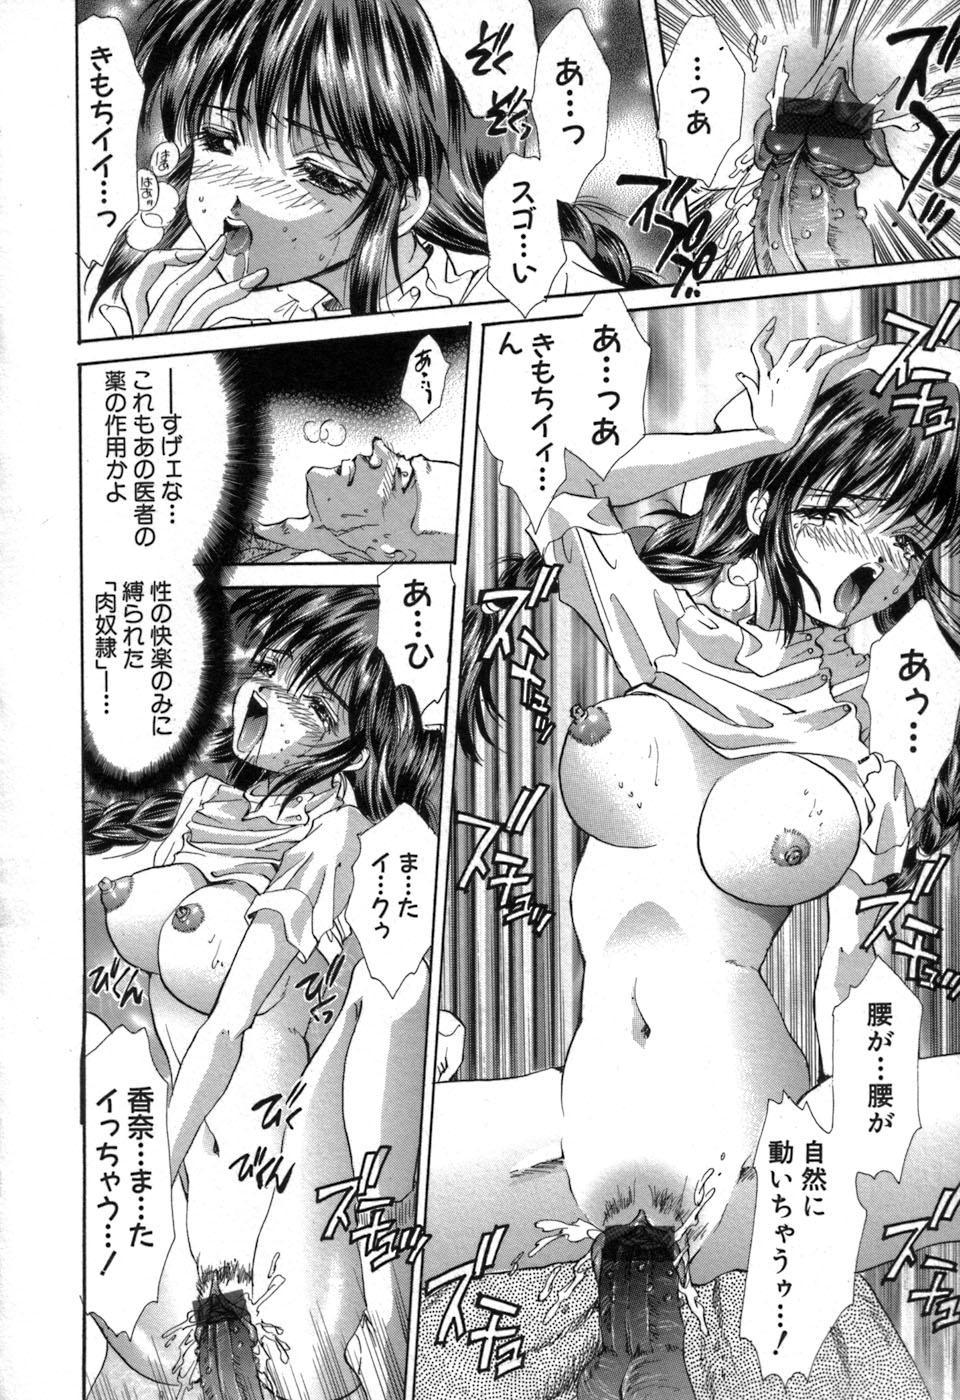 Ryoujoku Tenshi 38